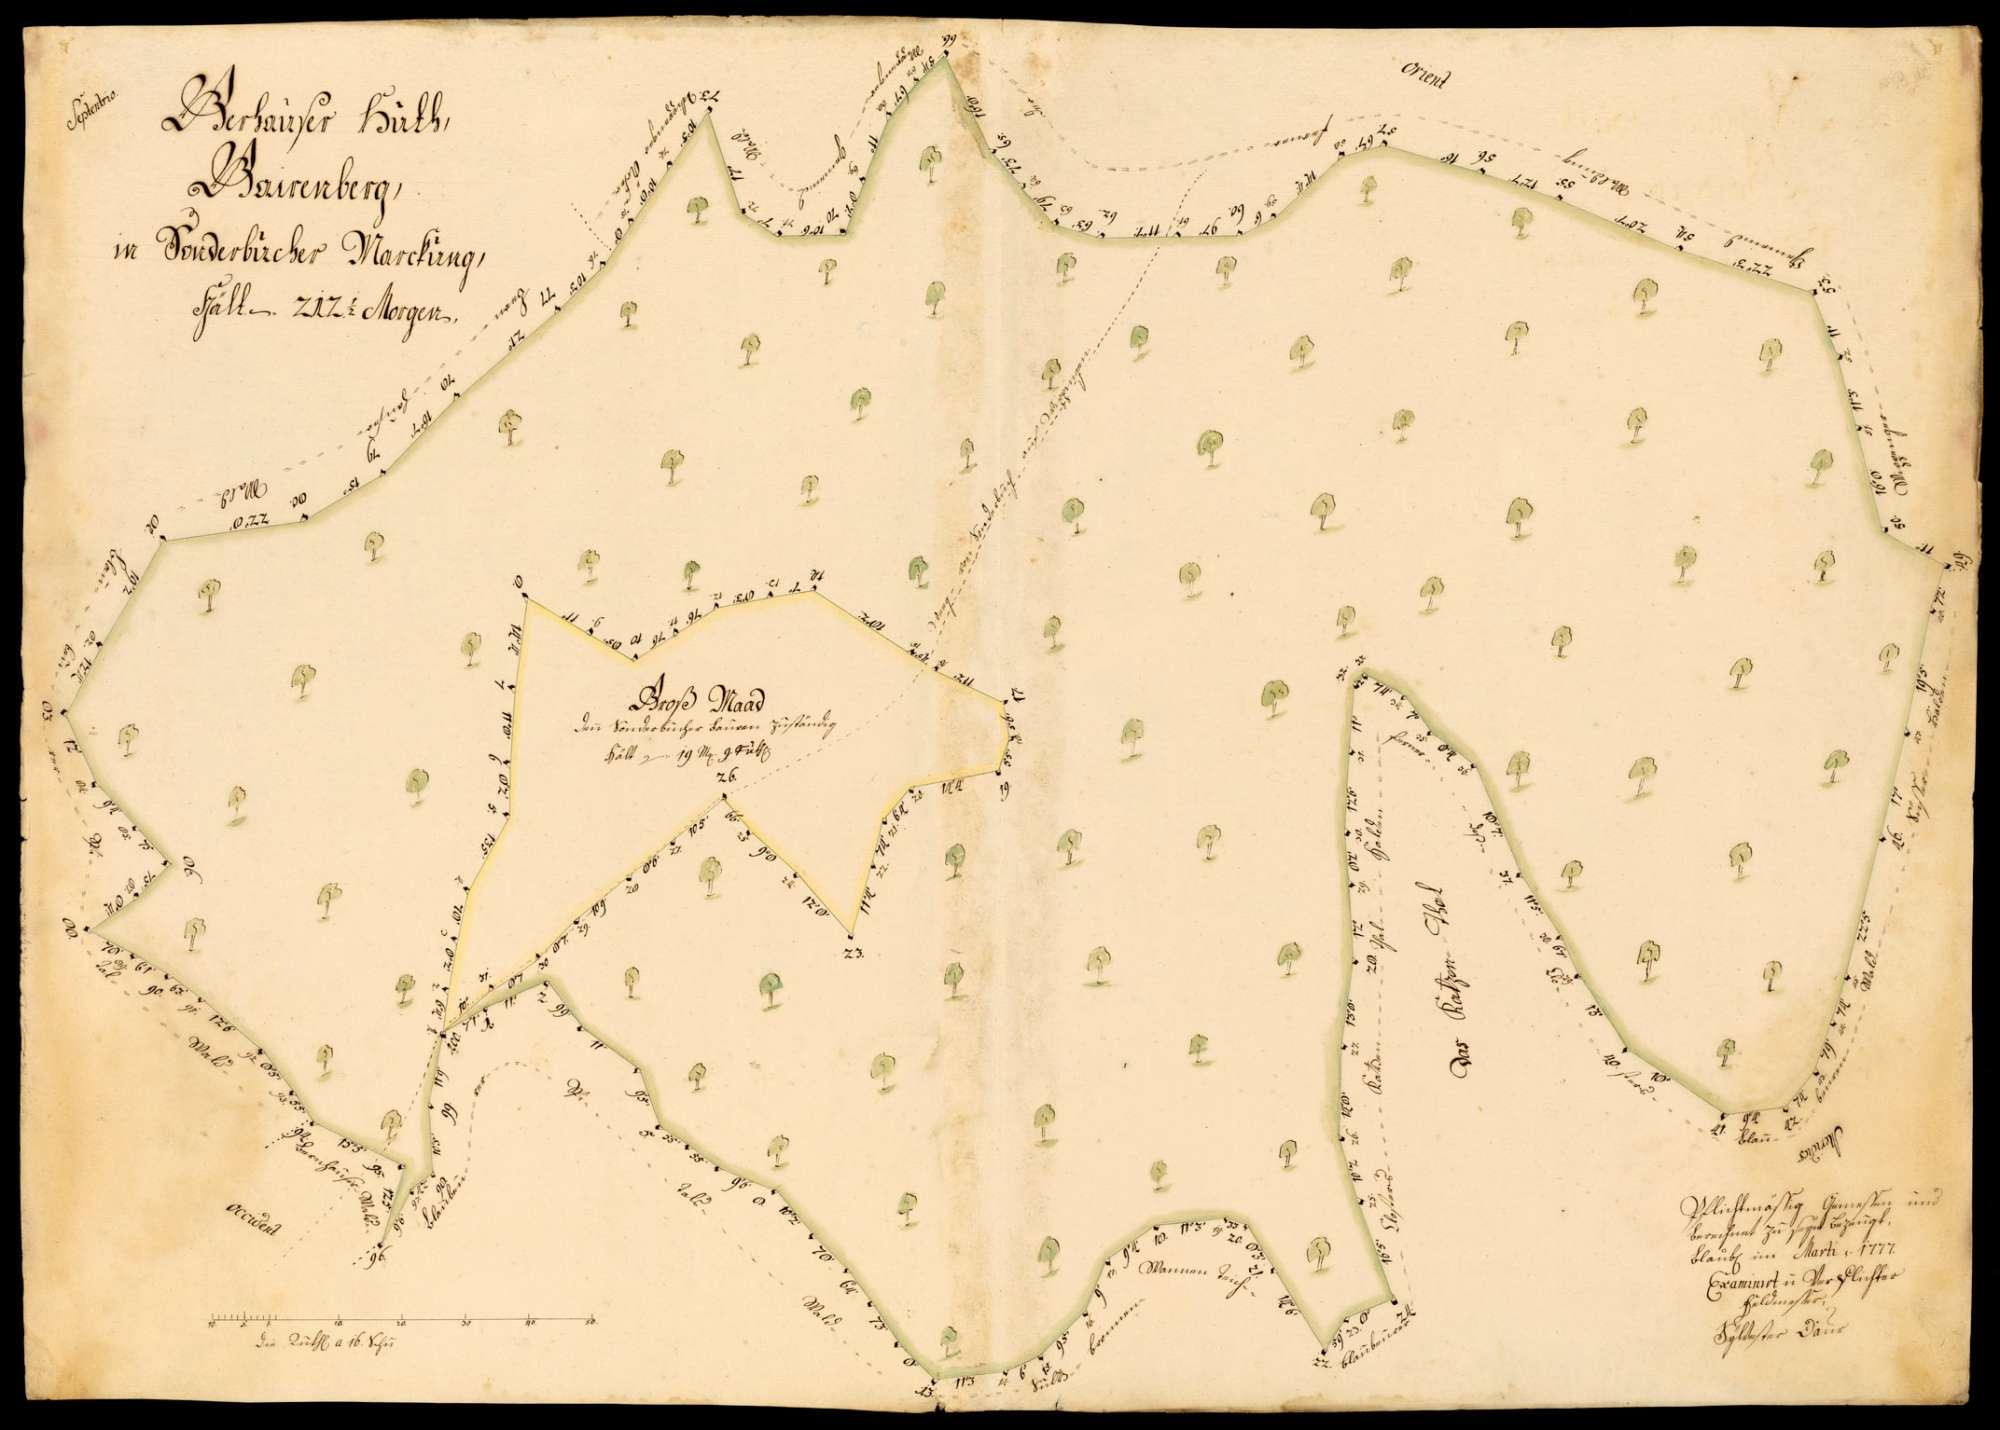 """[Kloster Blaubeuren:] """"Gerhauser Hut, Gairenberg, in Sonderbucher Markung"""", Bild 1"""